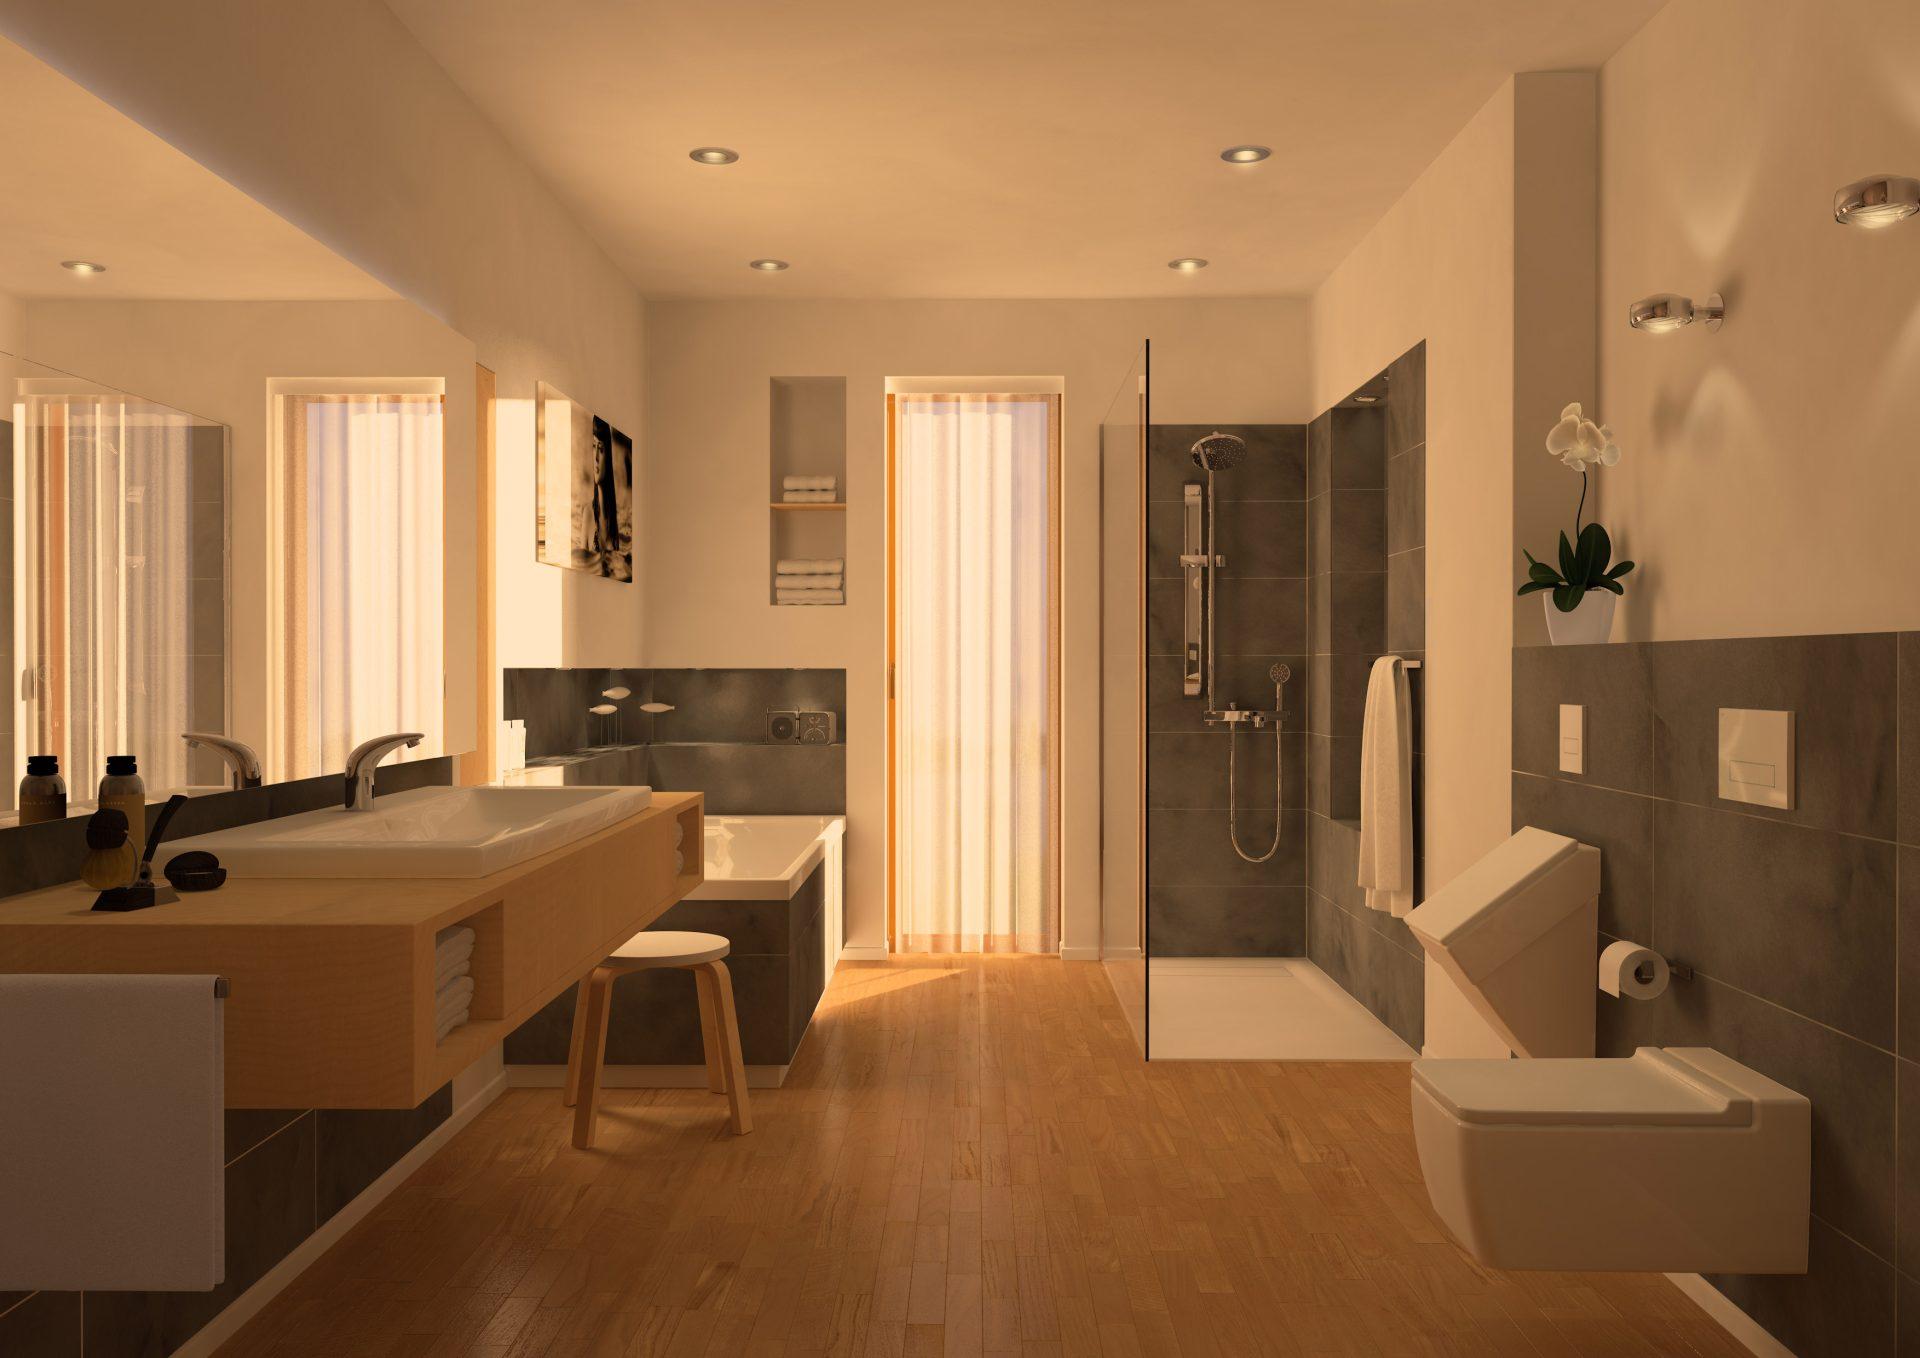 Bodenebene Duschflächen lassen sich an individuelle Bedürfnisse anpassen